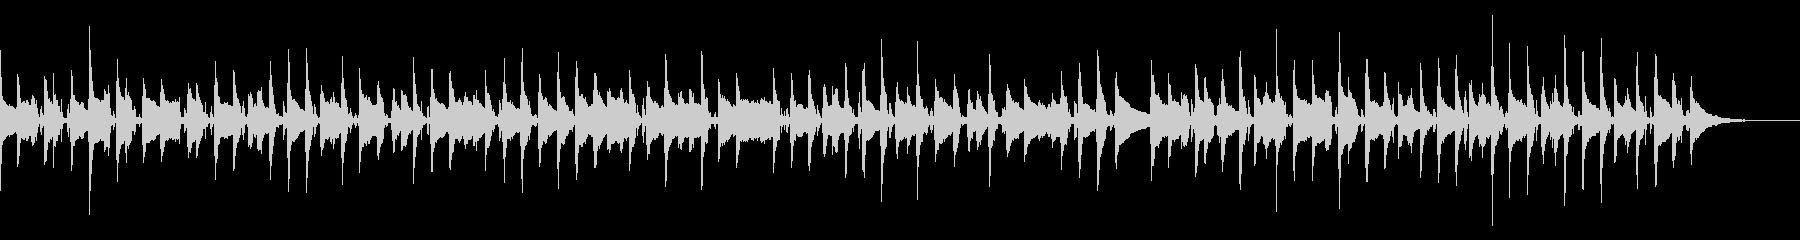 ほのぼのしたシーン。シンプルなアコギの音の未再生の波形